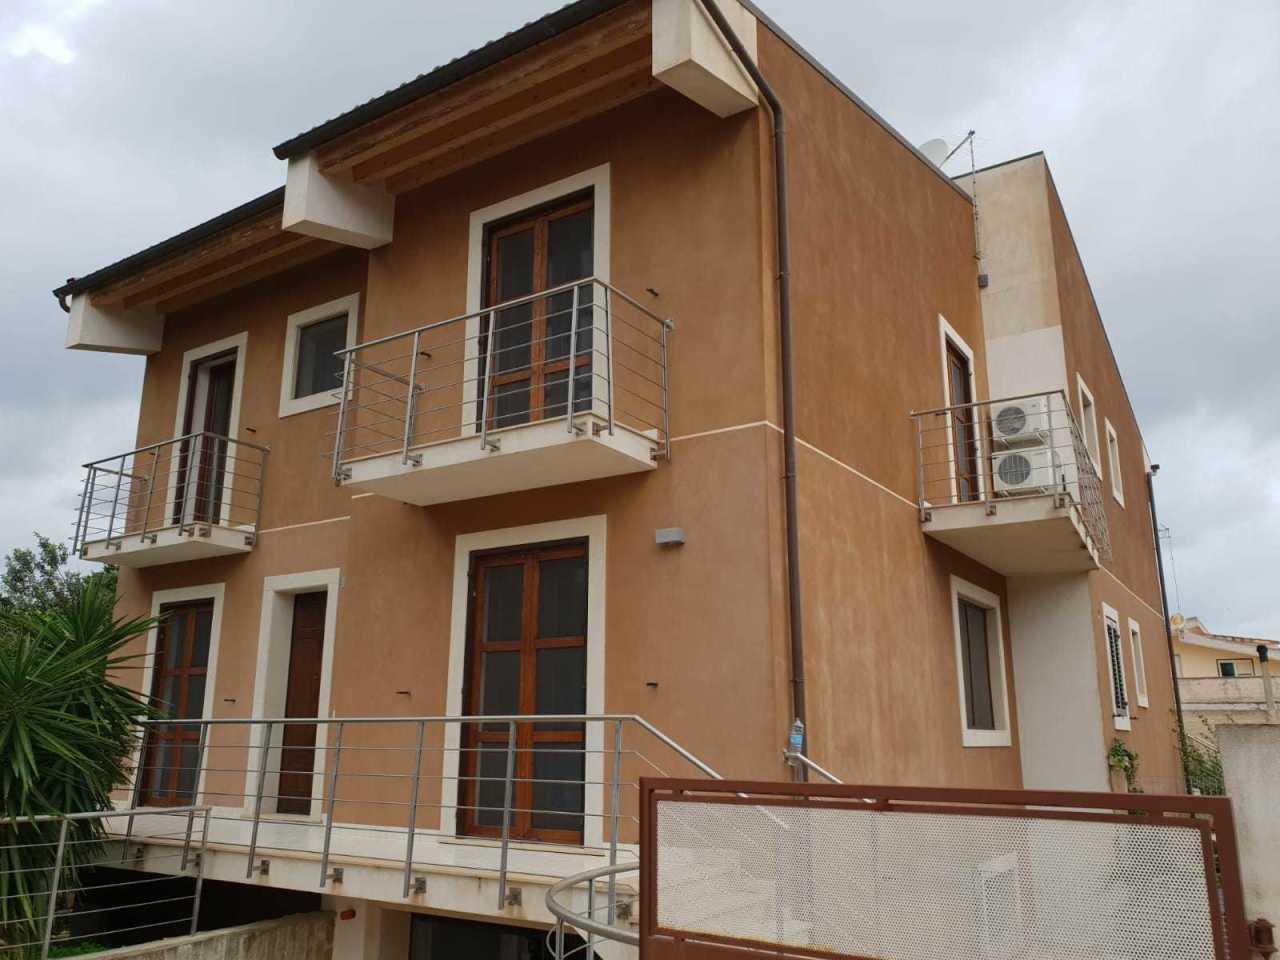 Indipendente - Villa a Città Giardino, Melilli